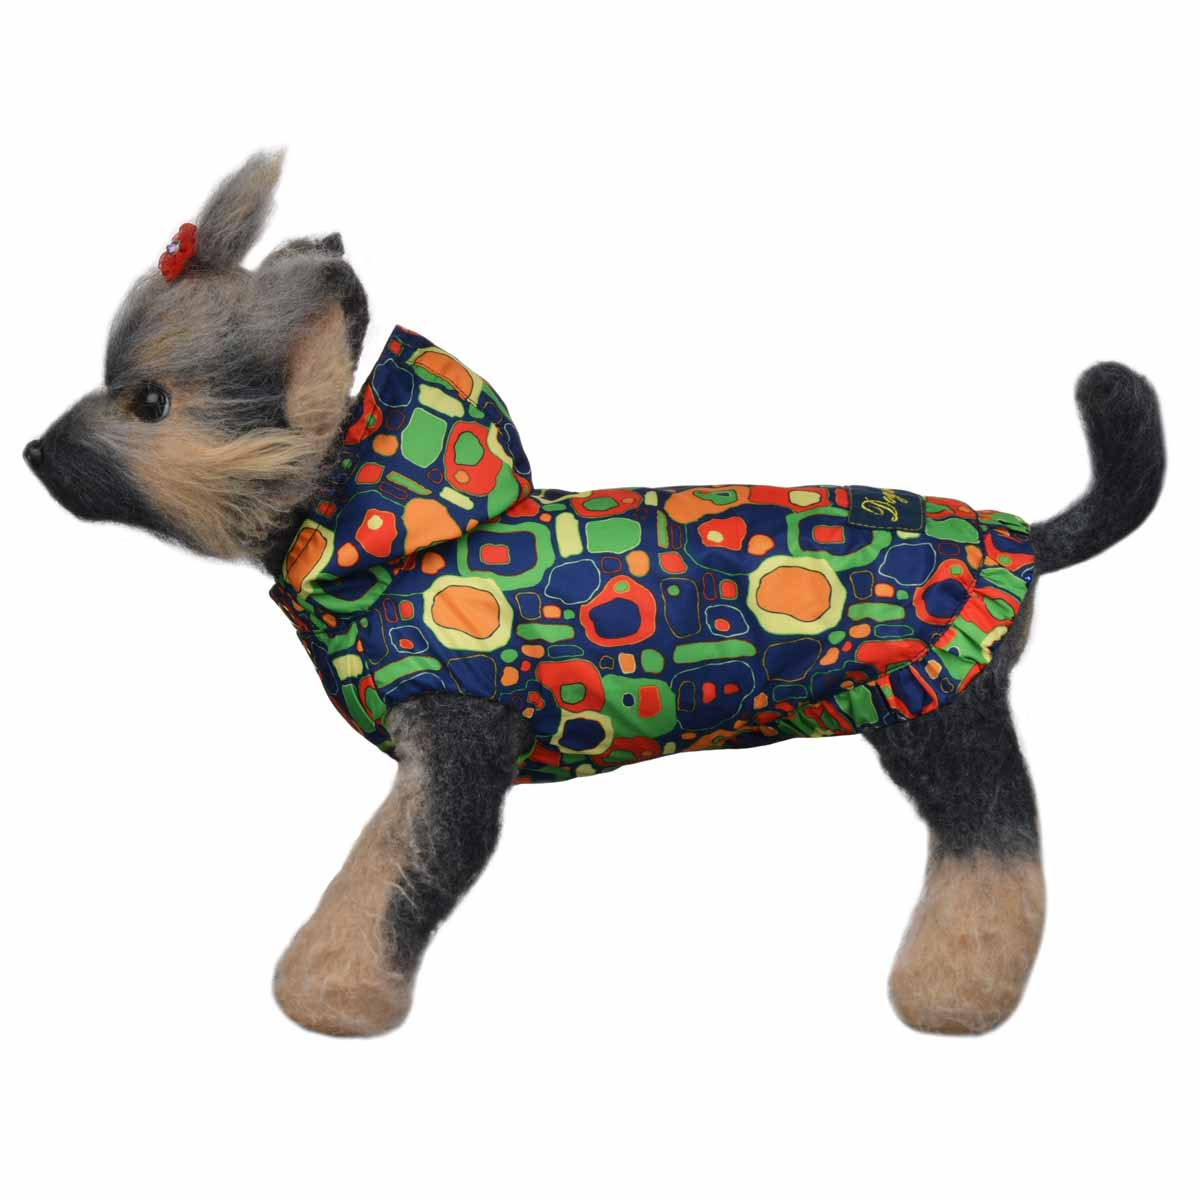 Ветровка для собак Dogmoda Сити, цвет: синий, желтый, зеленый. Размер 3 (L)DM-160108-3Ветровка для собак Dogmoda Сити изготовлена из водоотталкивающего полиэстера с подкладкой из натурального хлопка. Модная ветровка с капюшоном застегивается на металлические кнопки. Отверстия для передних лап и задняя часть выполнены с внутренними резинками. Изделие оформлено ярким оригинальным рисунком. Обхват шеи: 29 см.Обхват груди: 45 см.Длина по спинке: 28 см.